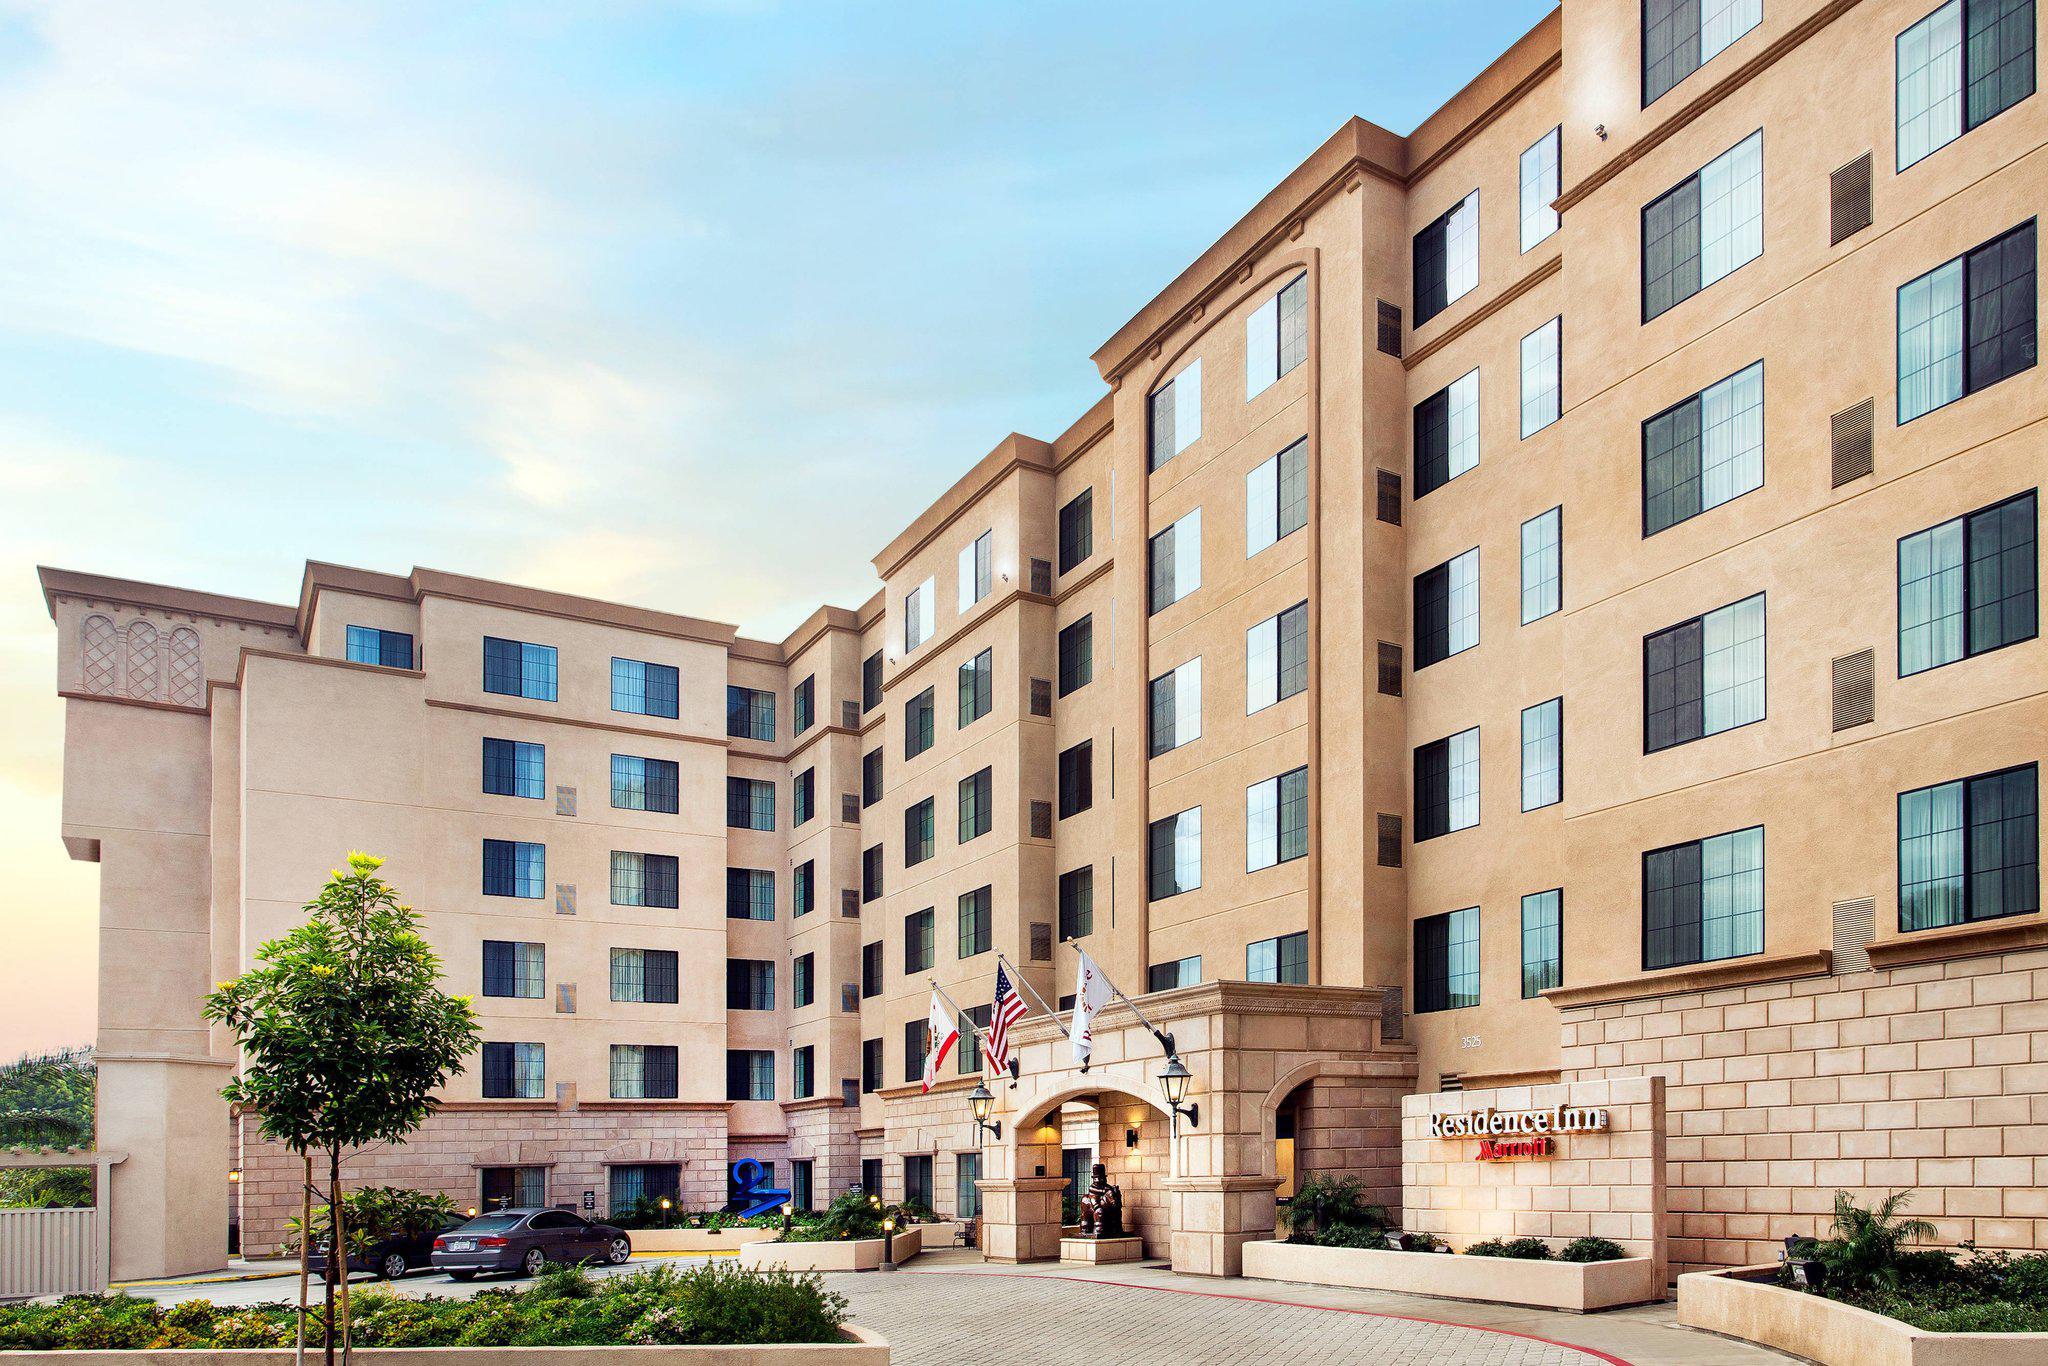 Residence Inn by Marriott San Diego Del Mar